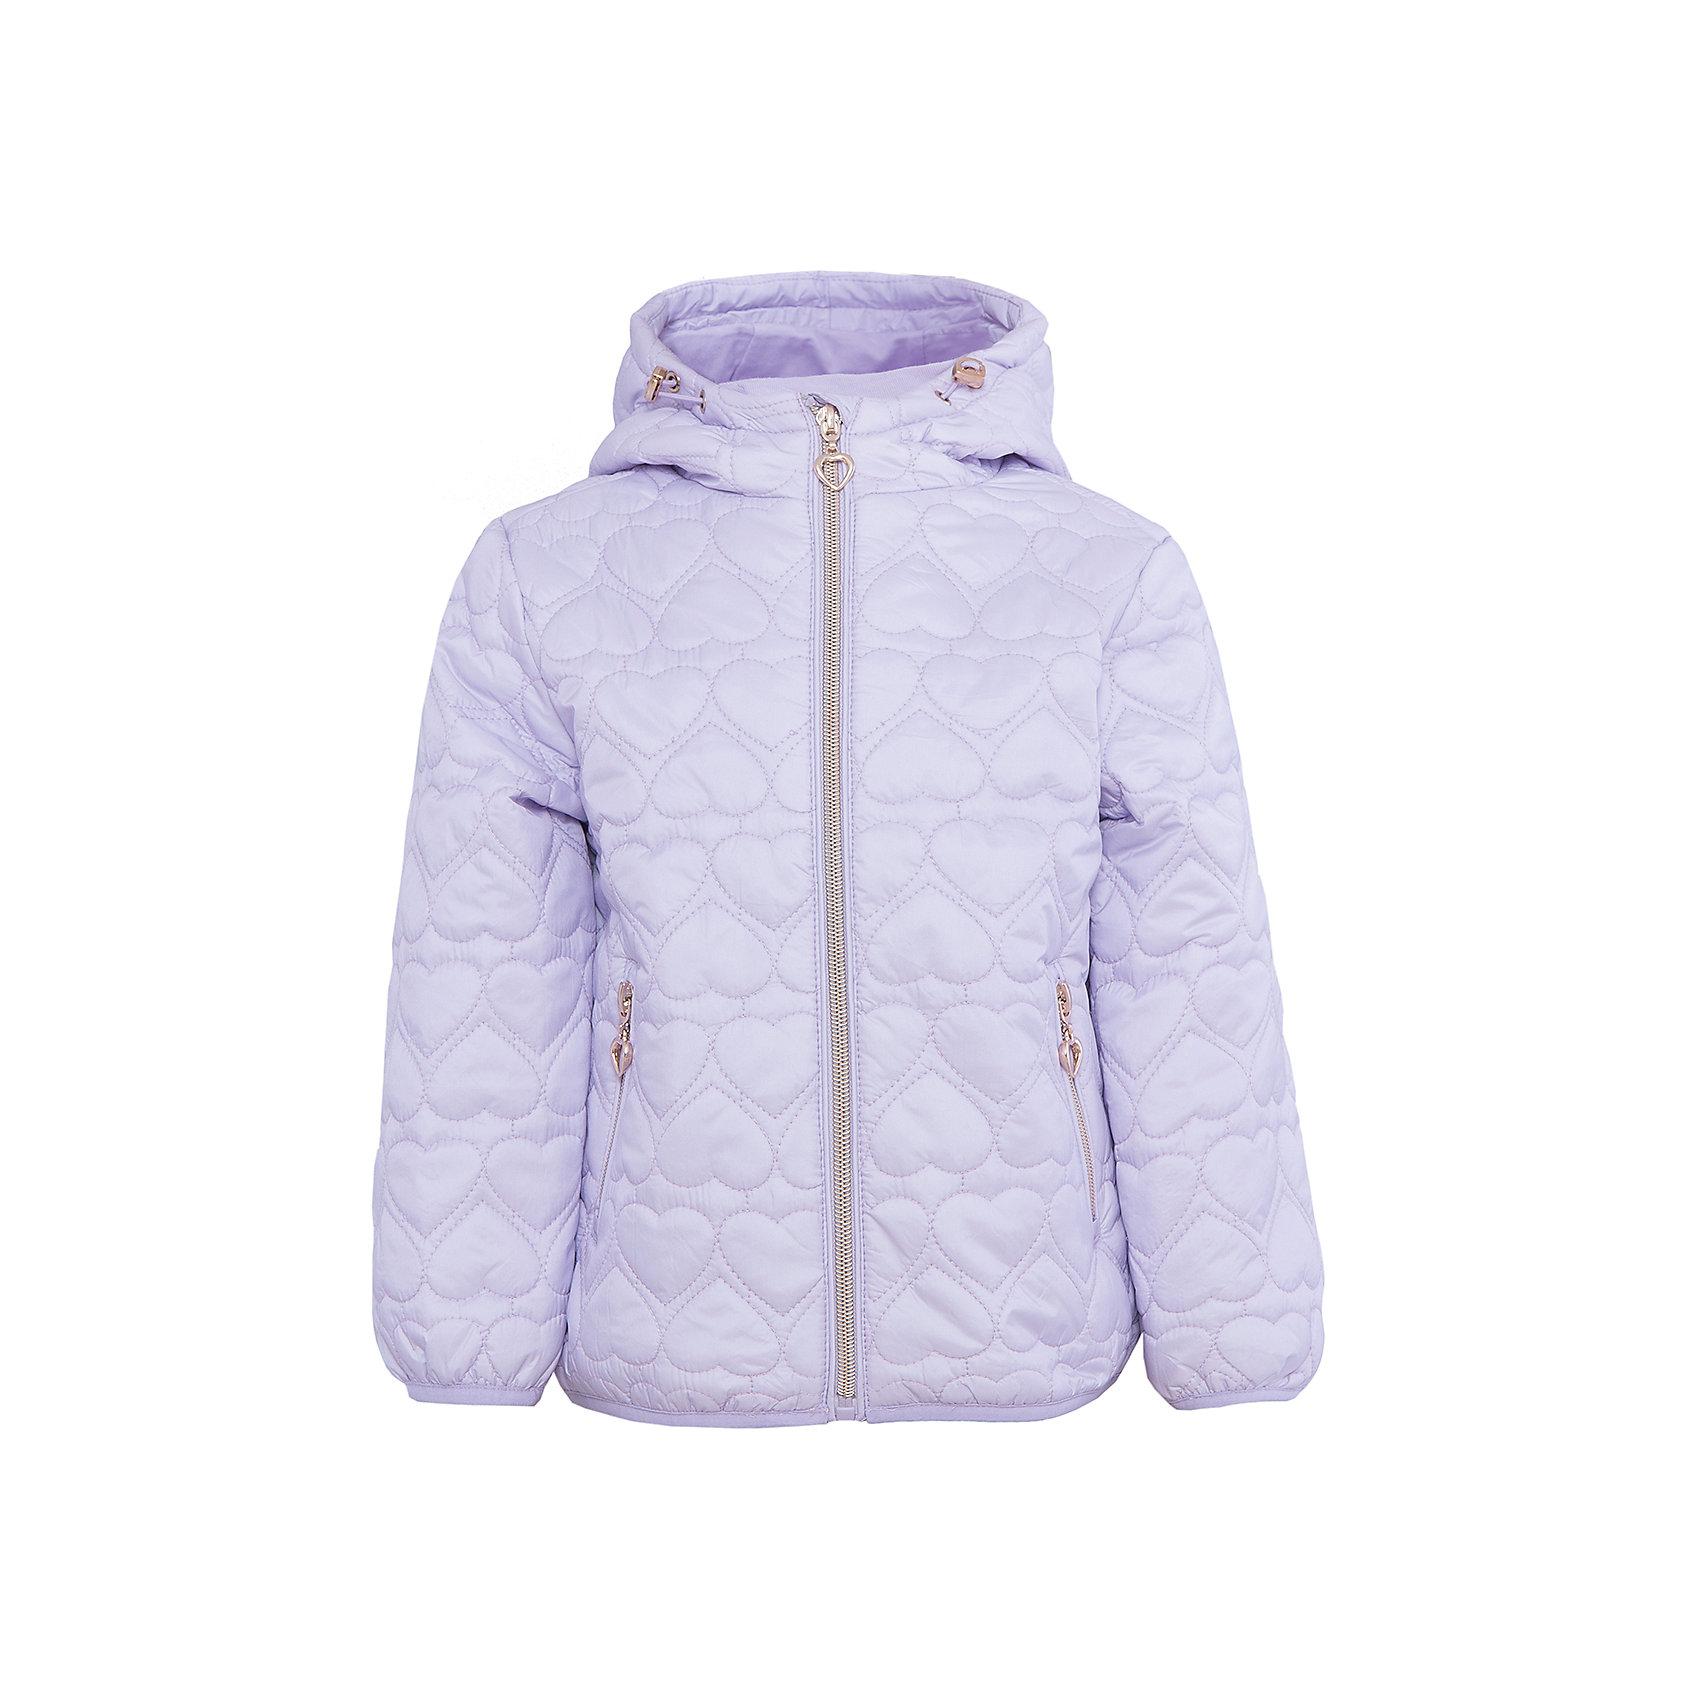 Куртка для девочки SELAВерхняя одежда<br>Характеристики товара:<br><br>• цвет: сиреневый<br>• состав: 100% нейлон; утеплитель: 100% ПЭ; подкладка: 100% хлопок; подкладка рукава: 100% ПЭ<br>• температурный режим: от +5°до +15°С<br>• покрой: полуприлегающий<br>• демисезон<br>• молния<br>• фактурный узор<br>• капюшон не отстёгивается<br>• два прирезных кармана на молнии<br>• коллекция весна-лето 2017<br>• страна бренда: Российская Федерация<br>• страна производитель: Китай<br><br>Вещи из новой коллекции SELA продолжают радовать удобством! Легкая куртка для девочки поможет разнообразить гардероб ребенка и обеспечить комфорт. Она отлично сочетается с юбками и брюками. Очень стильно смотрится!<br><br>Одежда, обувь и аксессуары от российского бренда SELA не зря пользуются большой популярностью у детей и взрослых! Модели этой марки - стильные и удобные, цена при этом неизменно остается доступной. Для их производства используются только безопасные, качественные материалы и фурнитура. Новая коллекция поддерживает хорошие традиции бренда! <br><br>Куртку для девочки от популярного бренда SELA (СЕЛА) можно купить в нашем интернет-магазине.<br><br>Ширина мм: 356<br>Глубина мм: 10<br>Высота мм: 245<br>Вес г: 519<br>Цвет: лиловый<br>Возраст от месяцев: 60<br>Возраст до месяцев: 72<br>Пол: Женский<br>Возраст: Детский<br>Размер: 116,98,104,110<br>SKU: 5305163